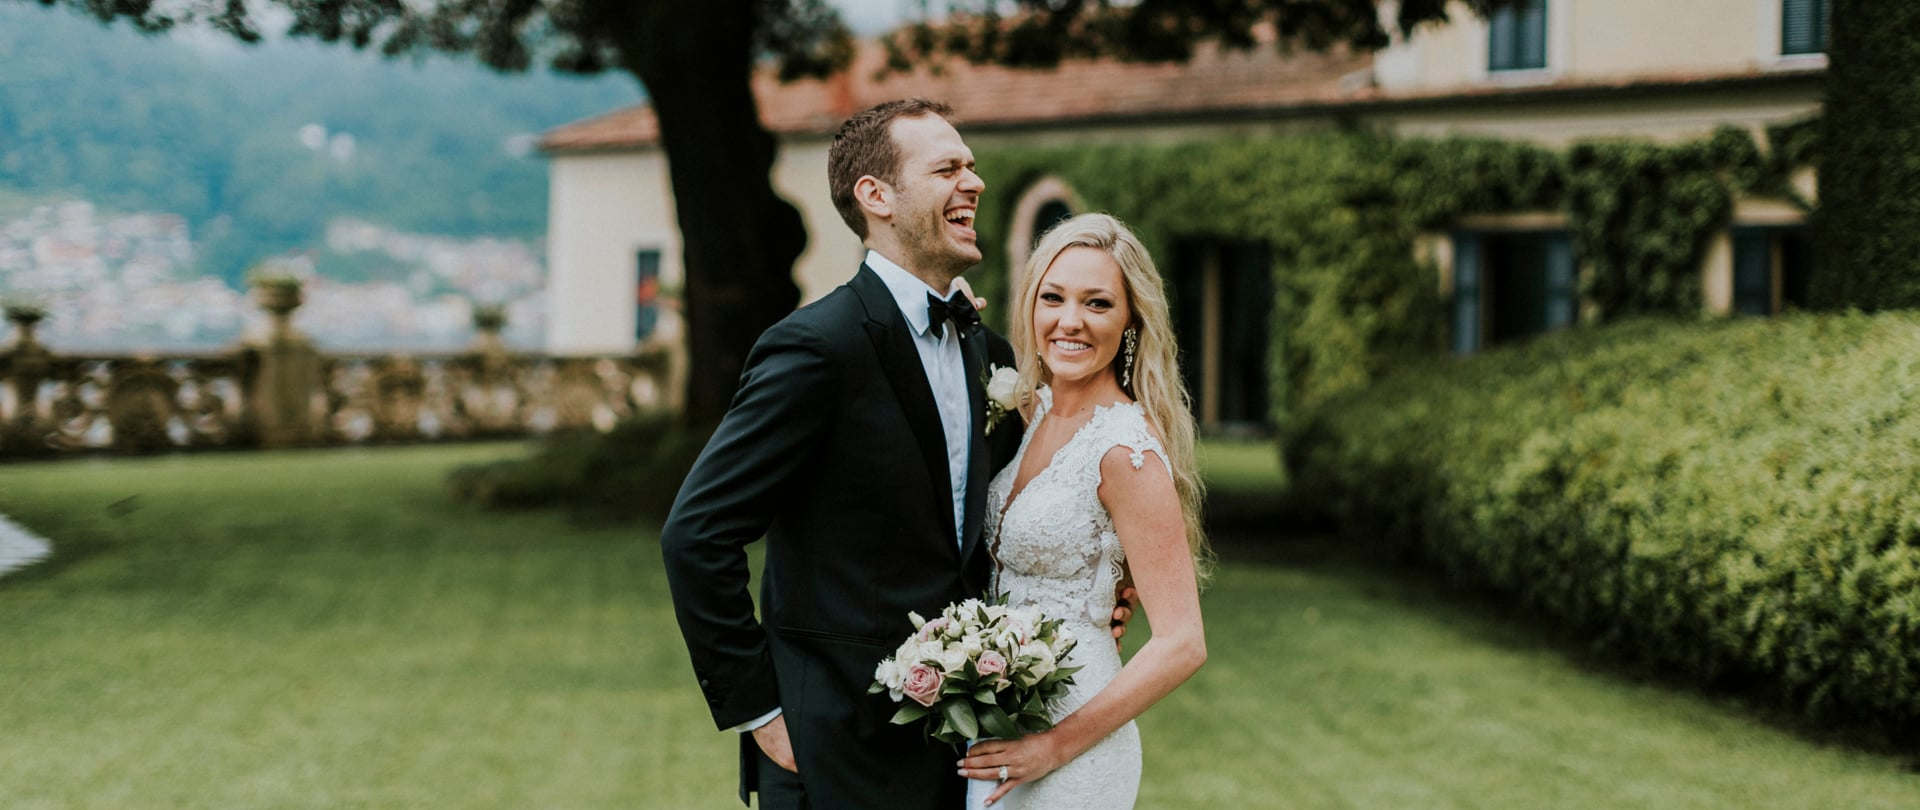 Sarah & Matthew Wedding Video Filmed at Lake Como, Italy